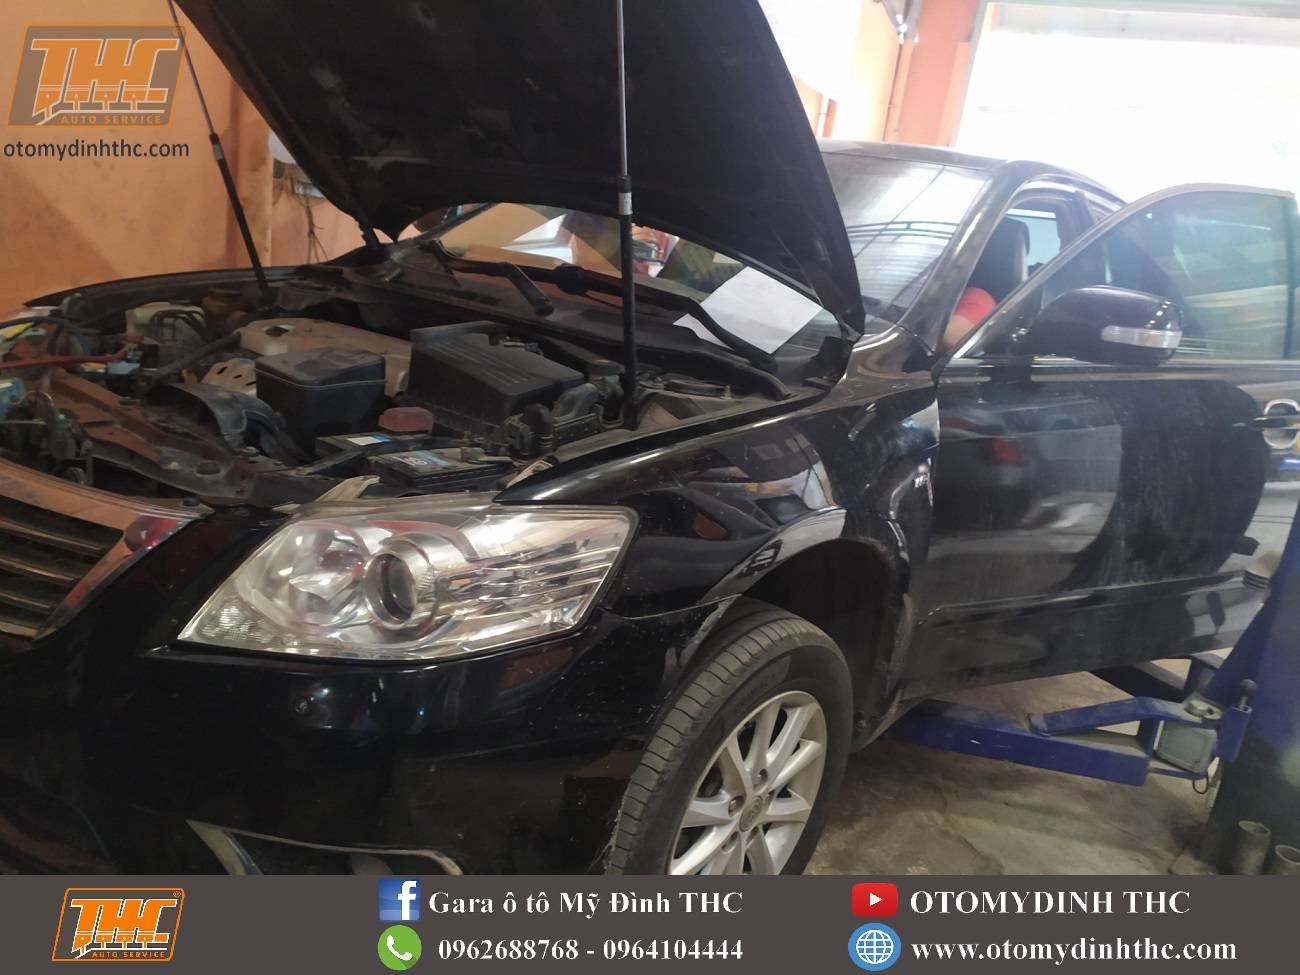 Sửa chữa điều hòa xe Toyota Camry